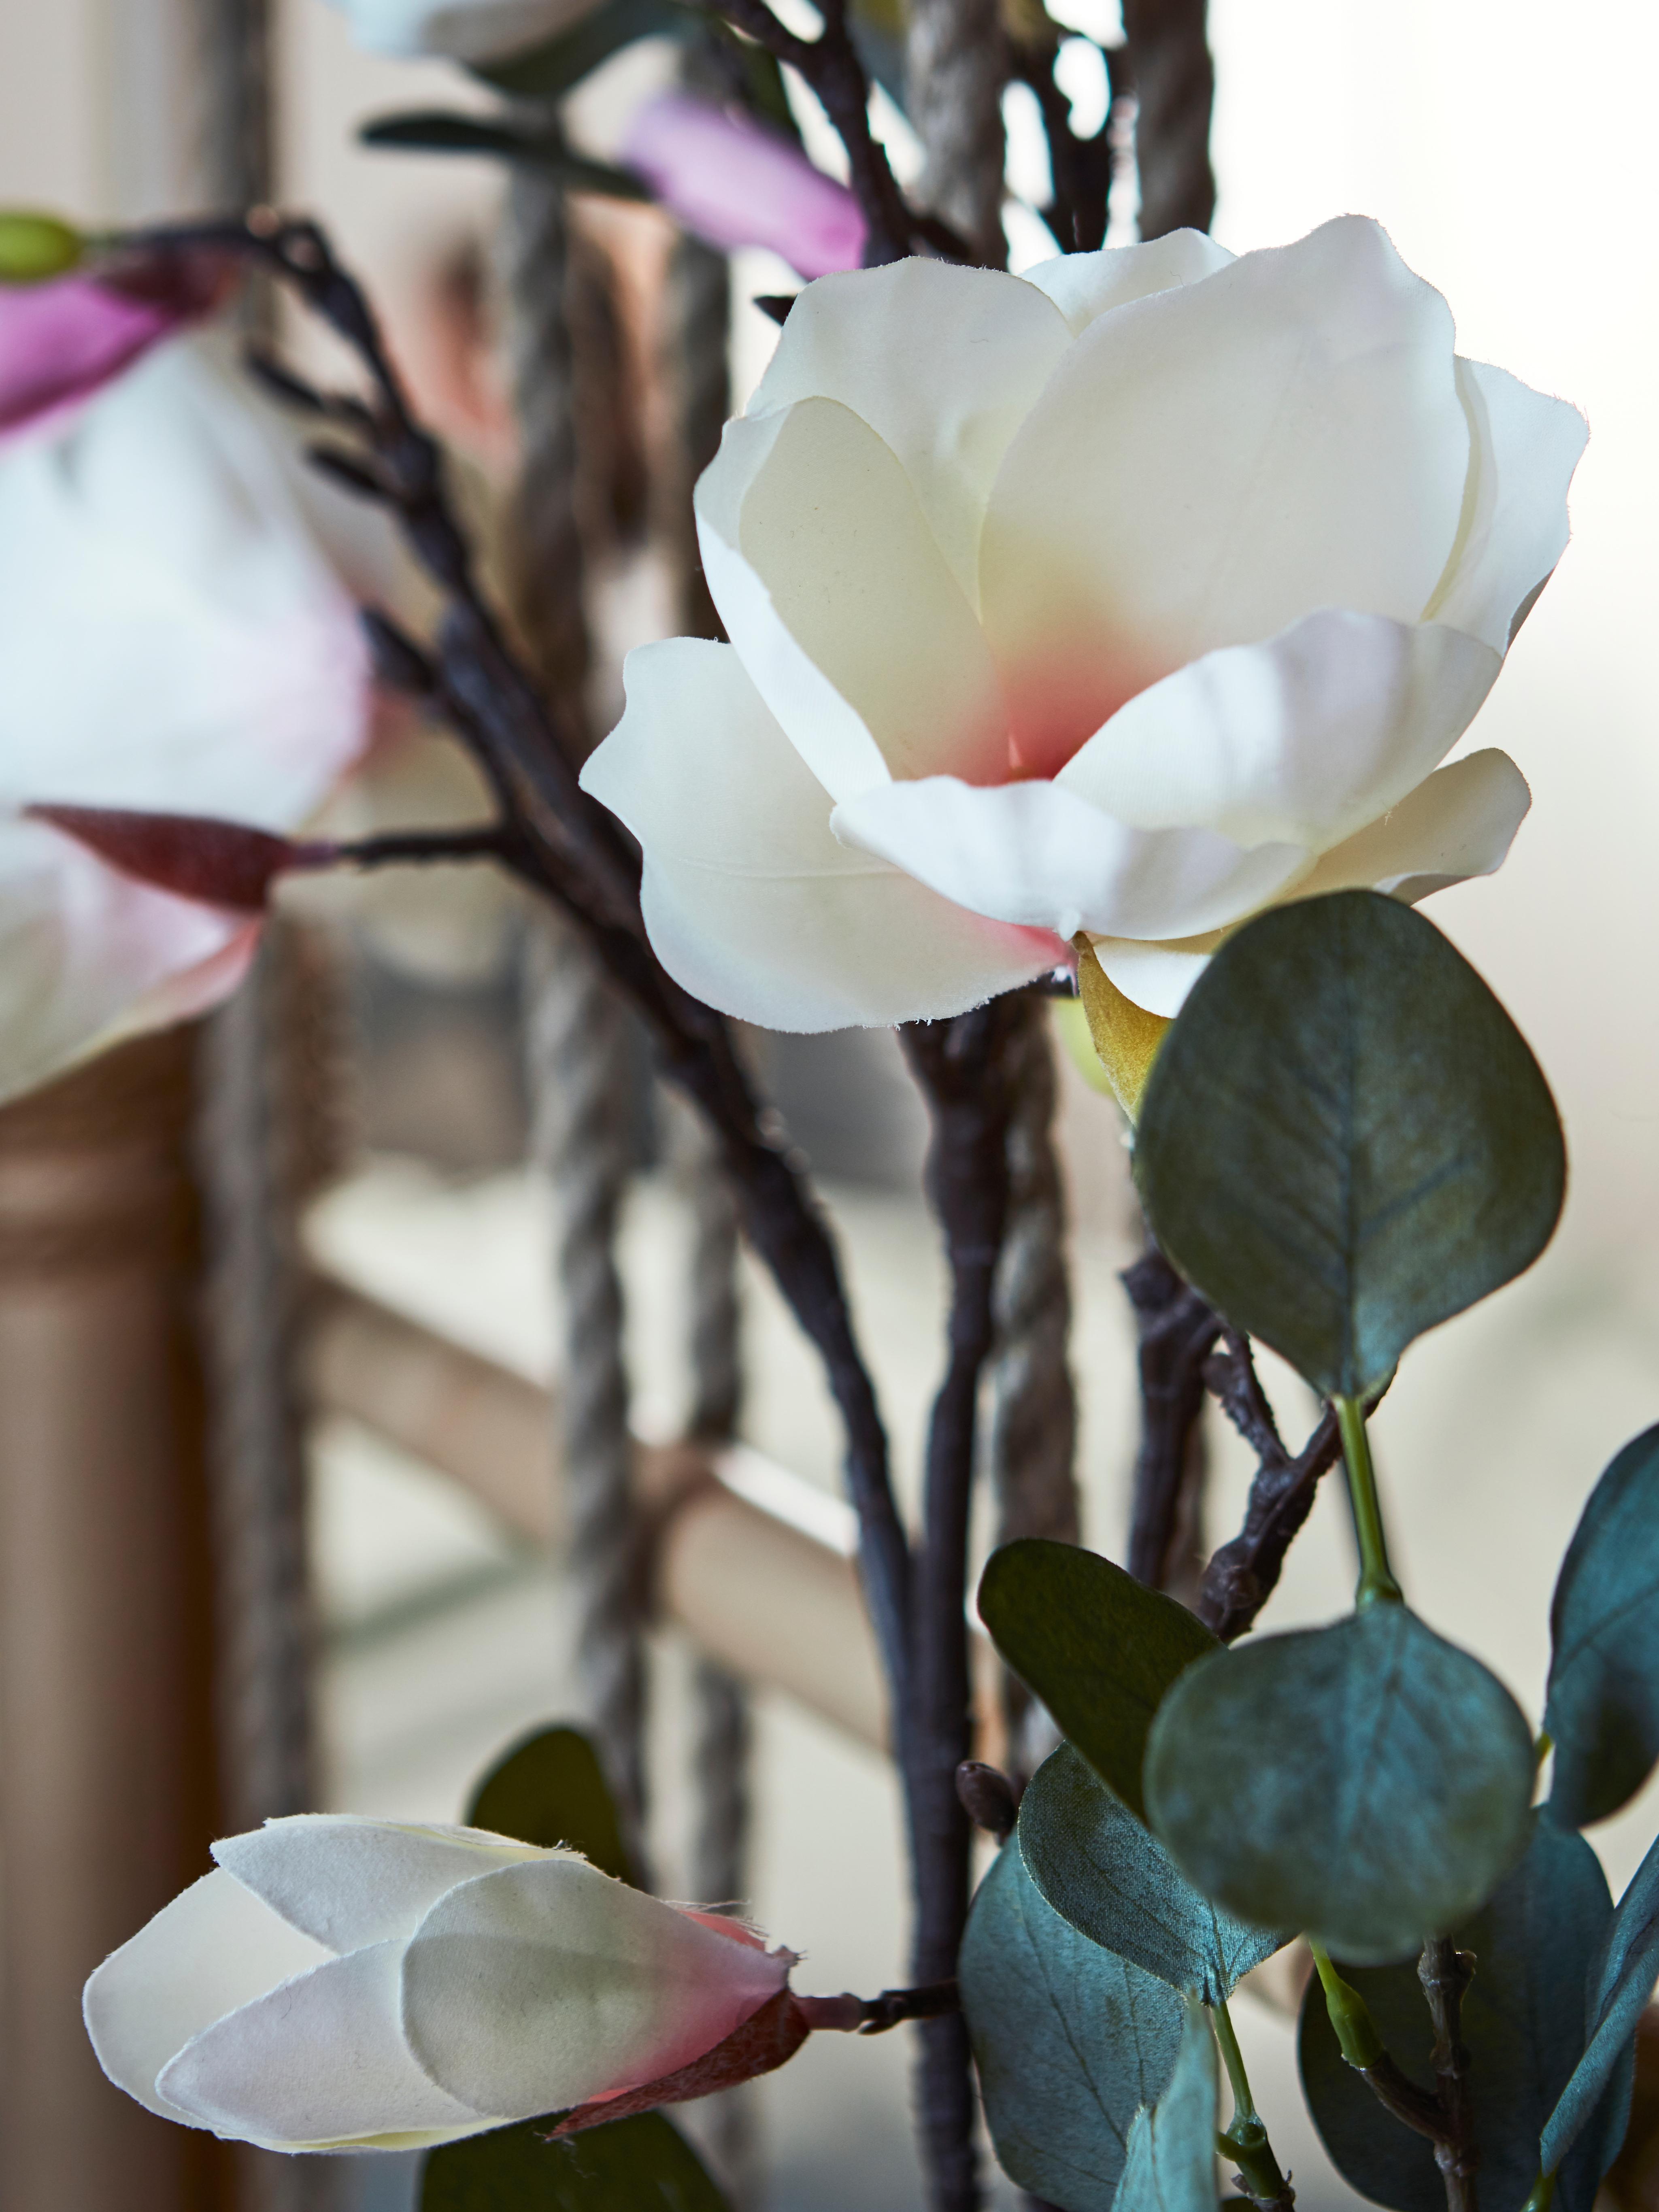 Bijeli SMYCKA magnolija umjetni cvijet s ružičastim rumenilom u sredini, okružen granama i zelenim listovima.